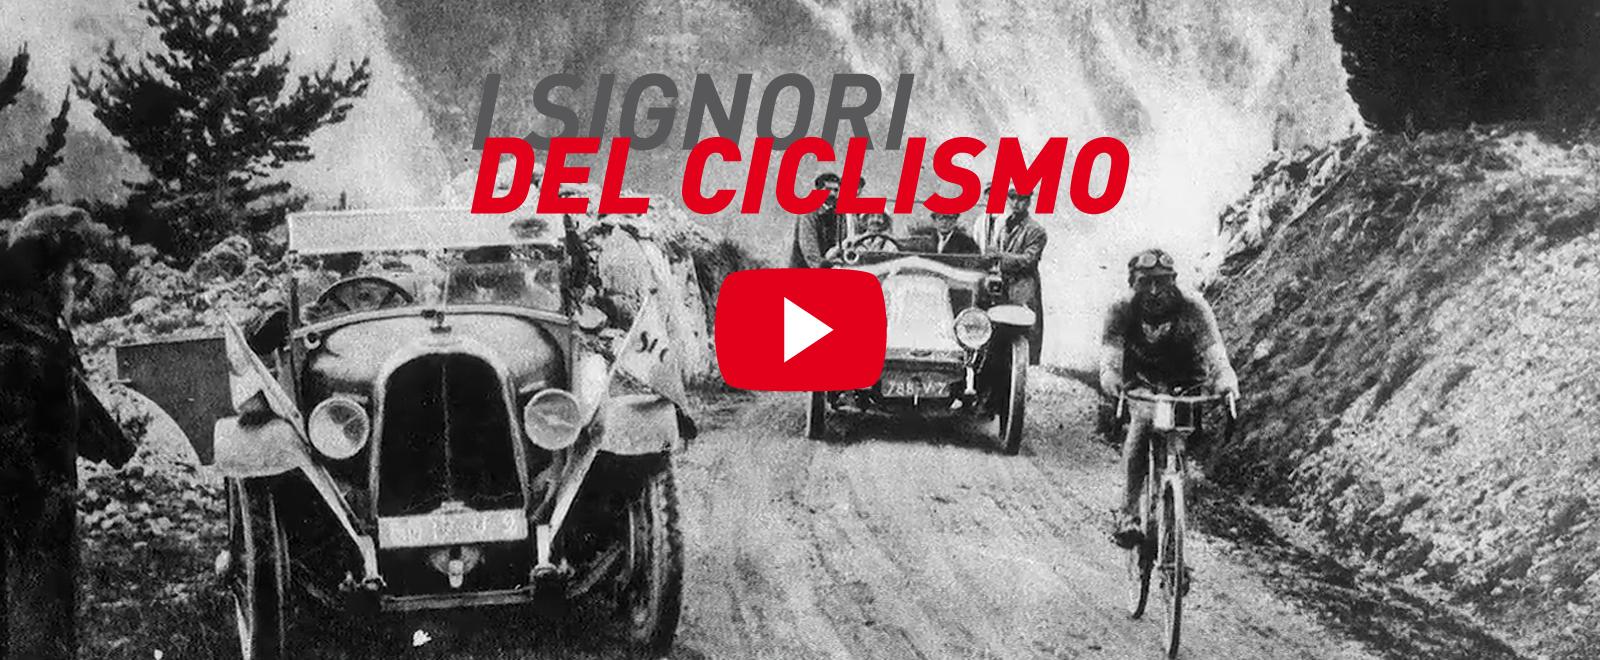 SLIDE_signori_del_ciclismo